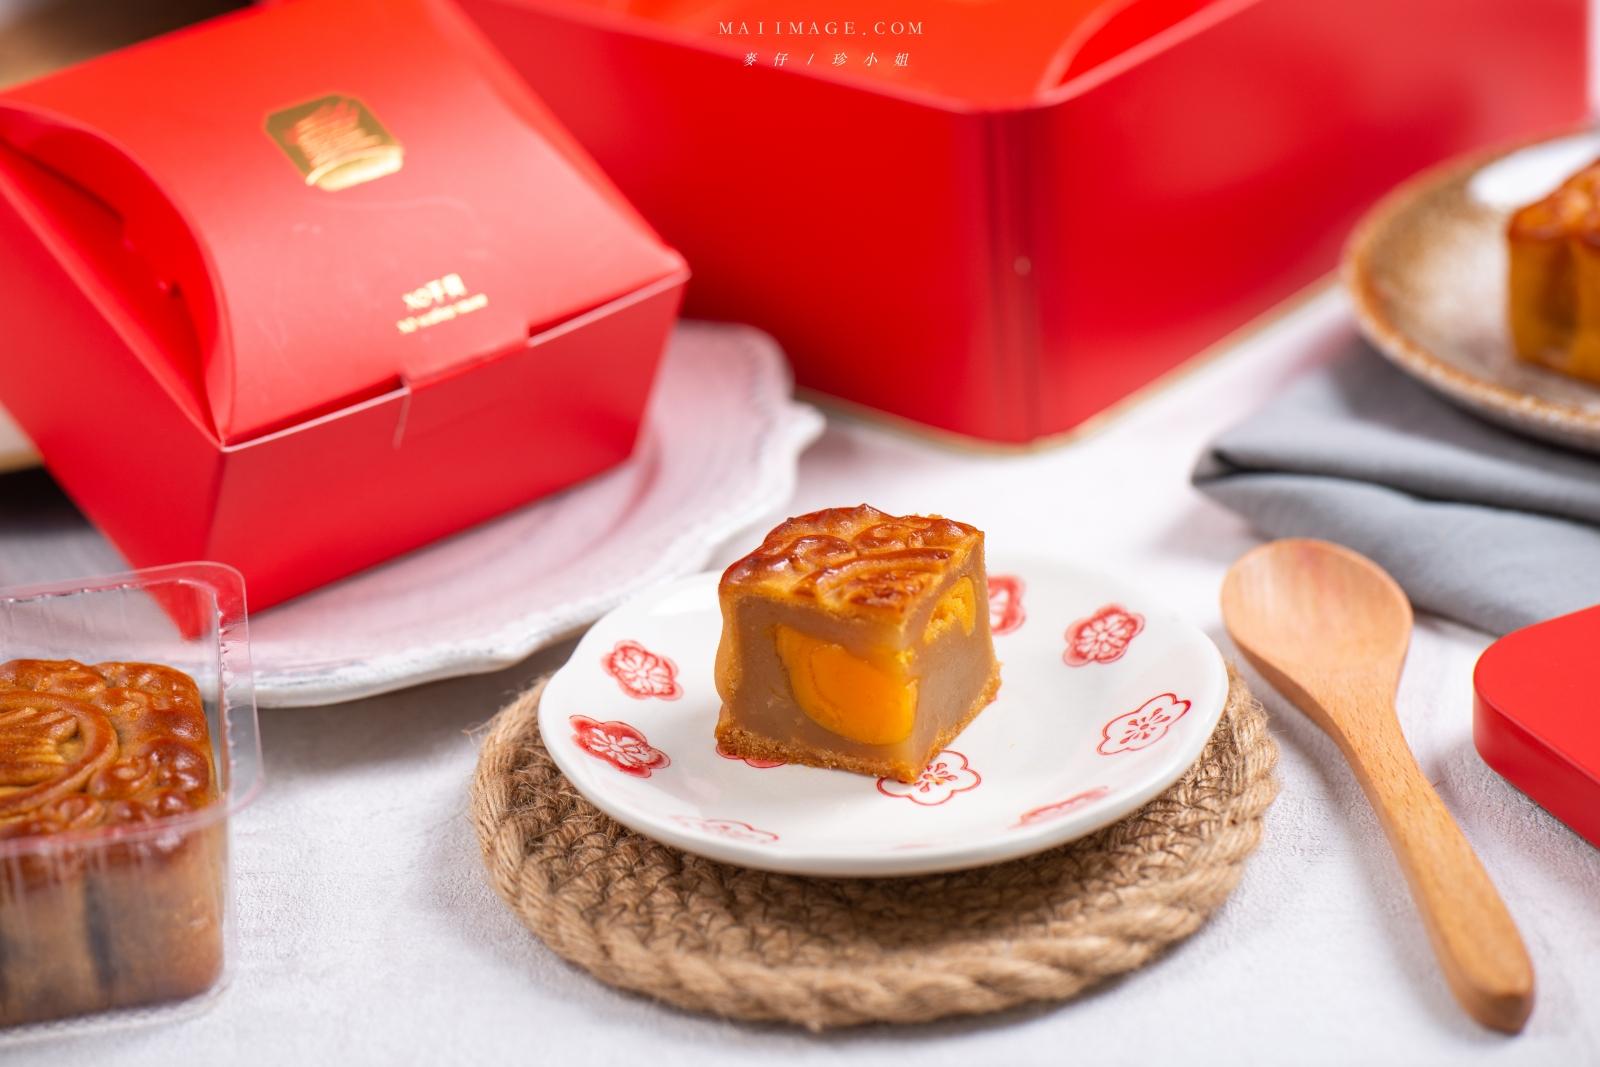 你吃過會唱歌的月餅嗎?今年換點不一樣的月餅禮盒吧。圓山飯店全新推出『圓山音樂寶盒月餅』2021圓山月餅禮盒